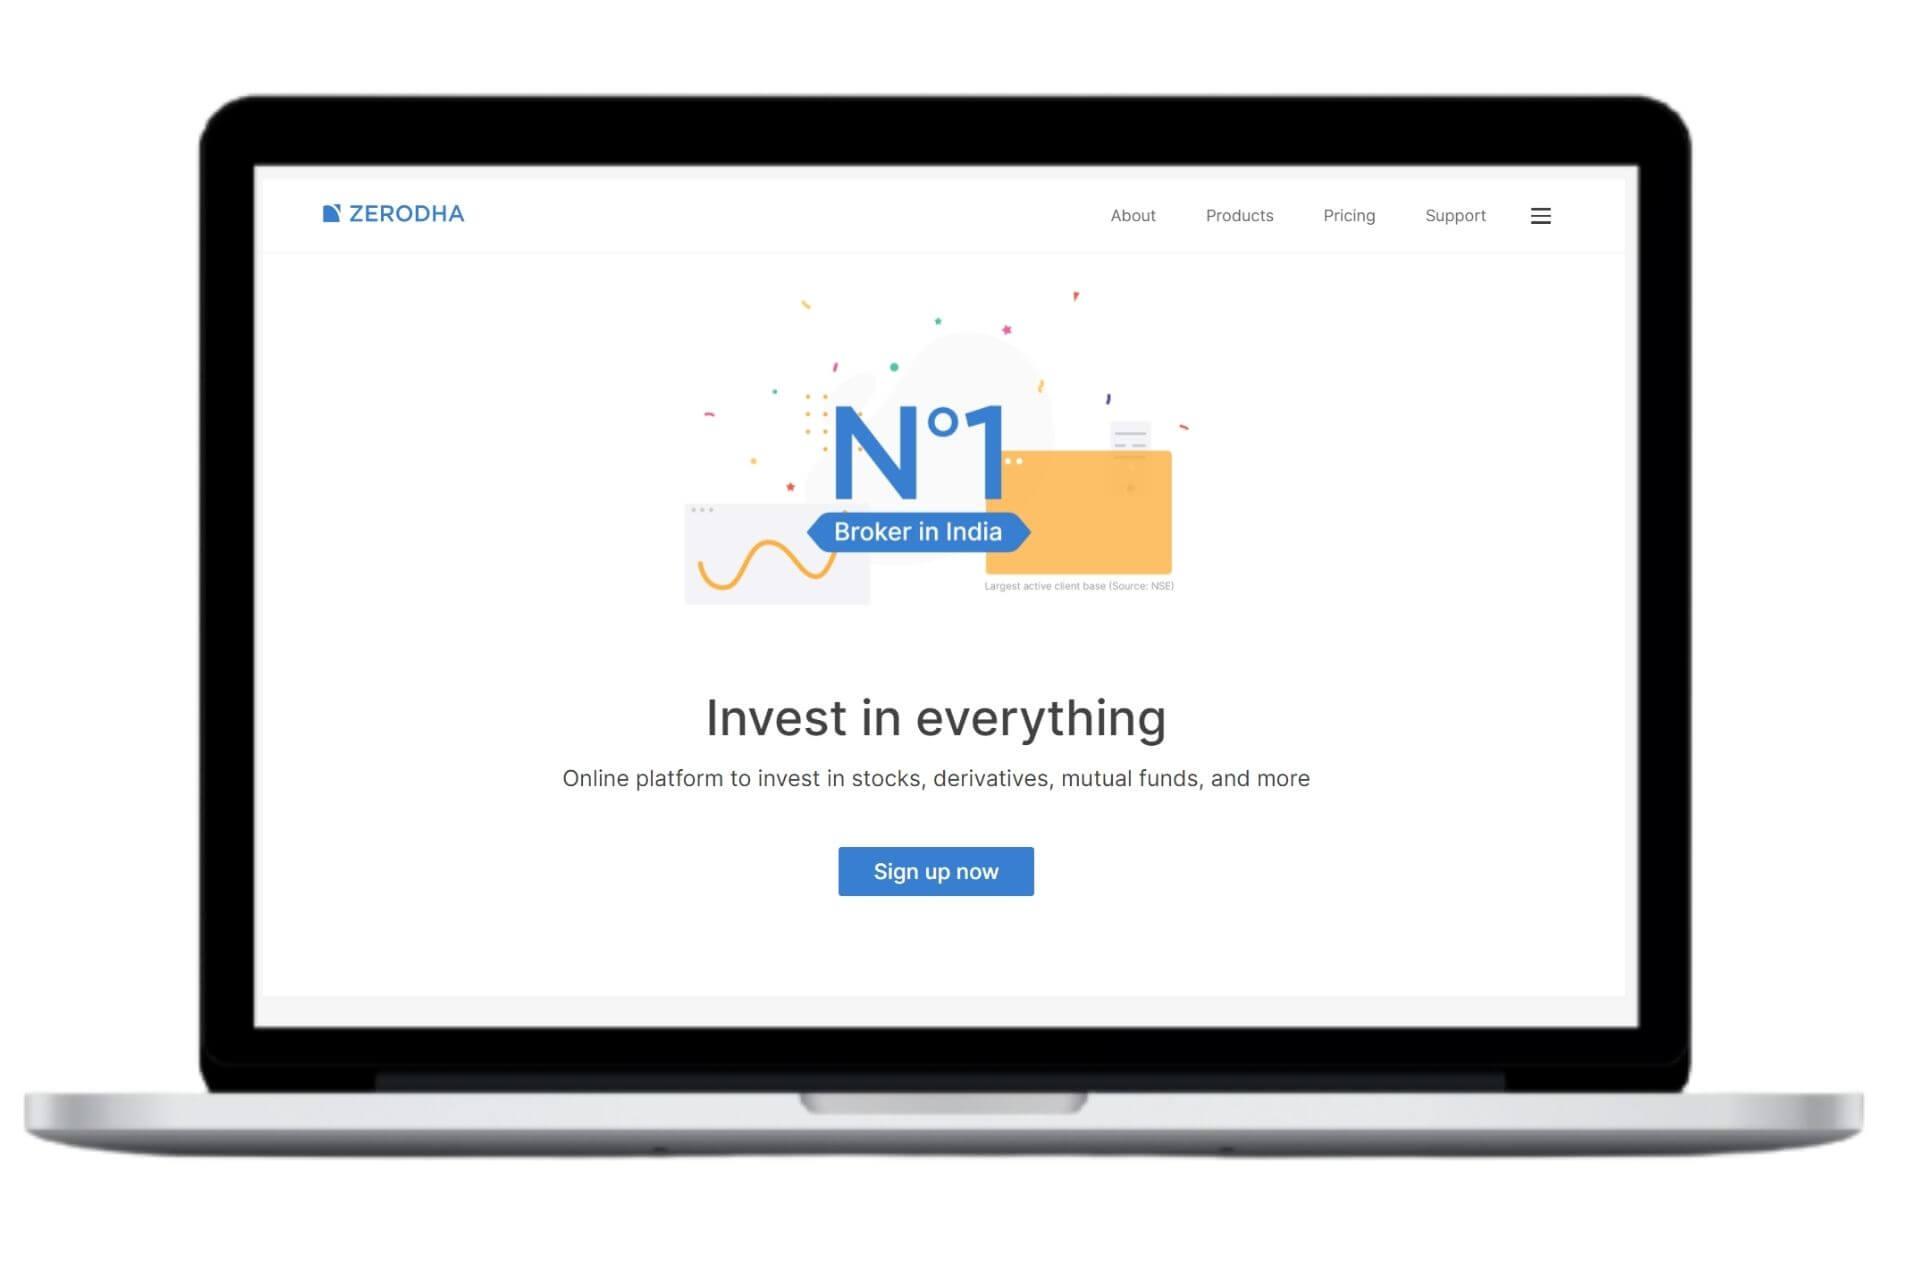 Zerodha Website | Top Stockbrokers in India